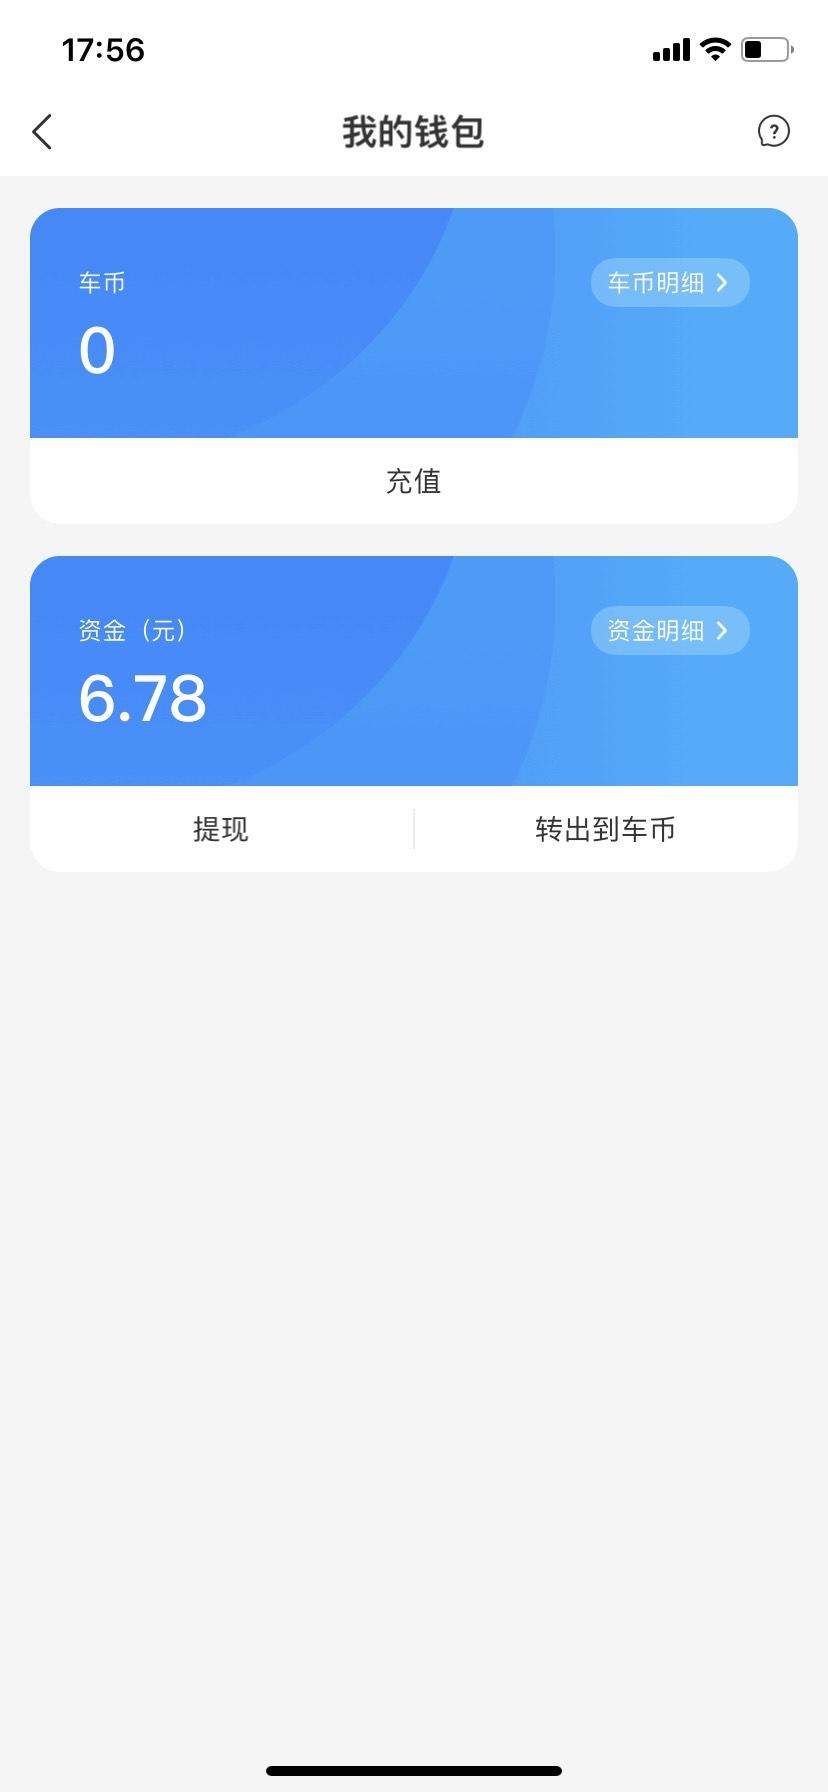 大水【微信红包】6.78元插图4